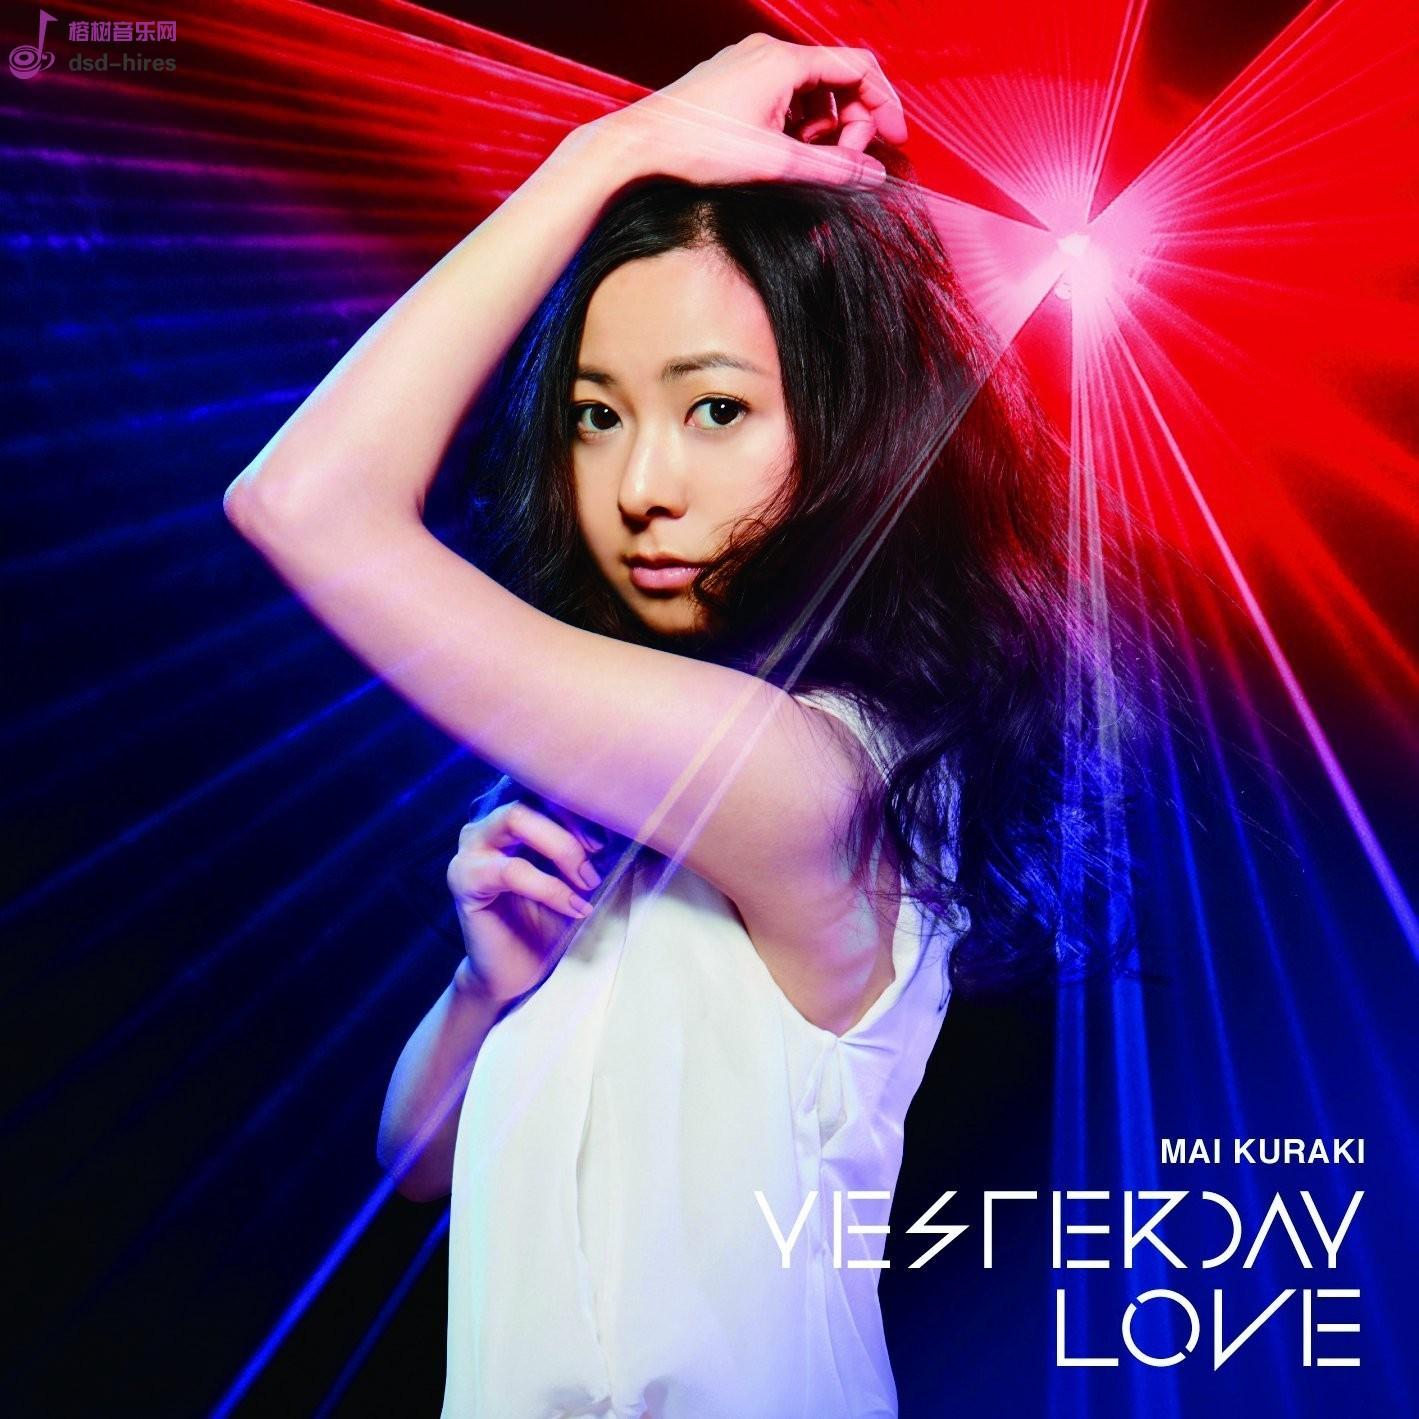 倉木麻衣 (Mai Kuraki) – YESTERDAY LOVE [FLAC24bit/96kHz]